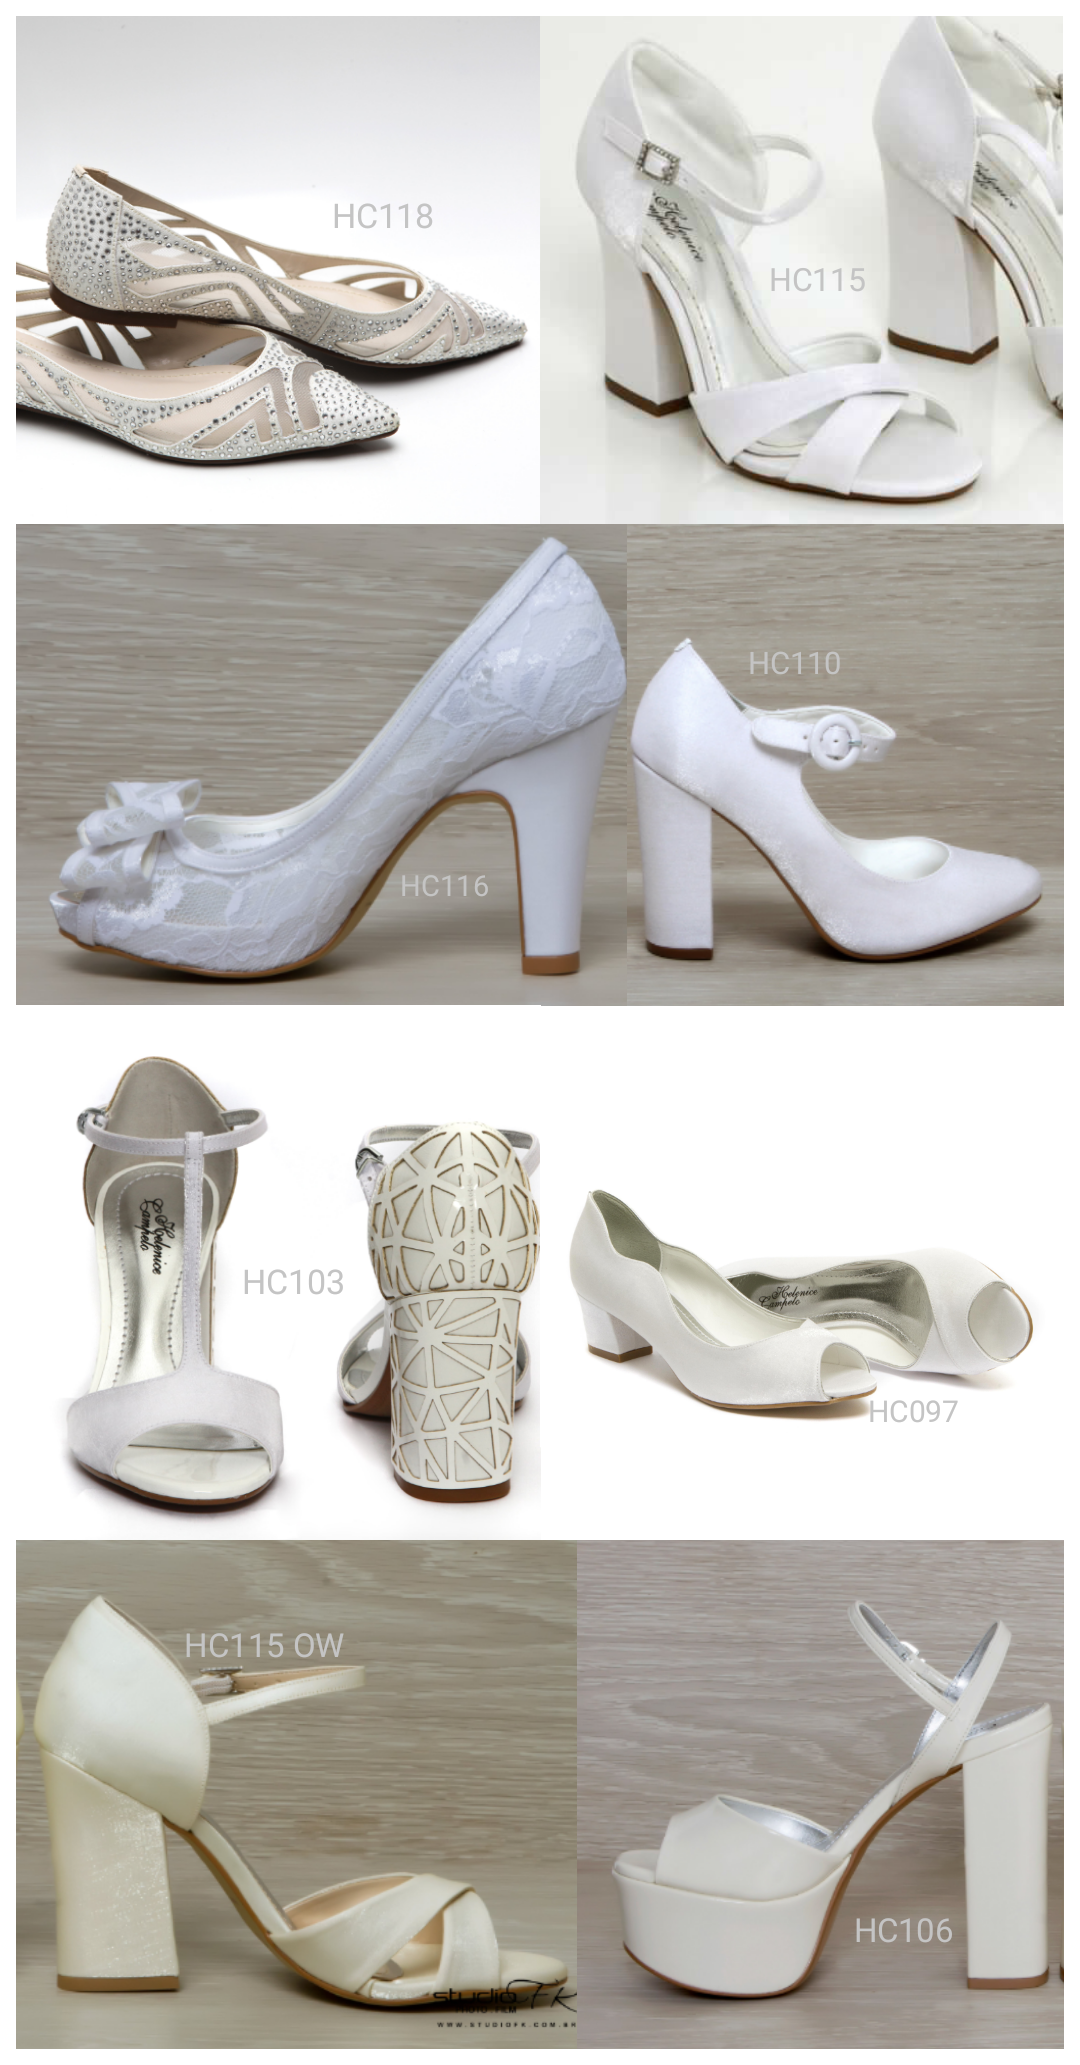 dc416396b Opções de calçados para casamentos ao ar livre, na praia, na grama ...